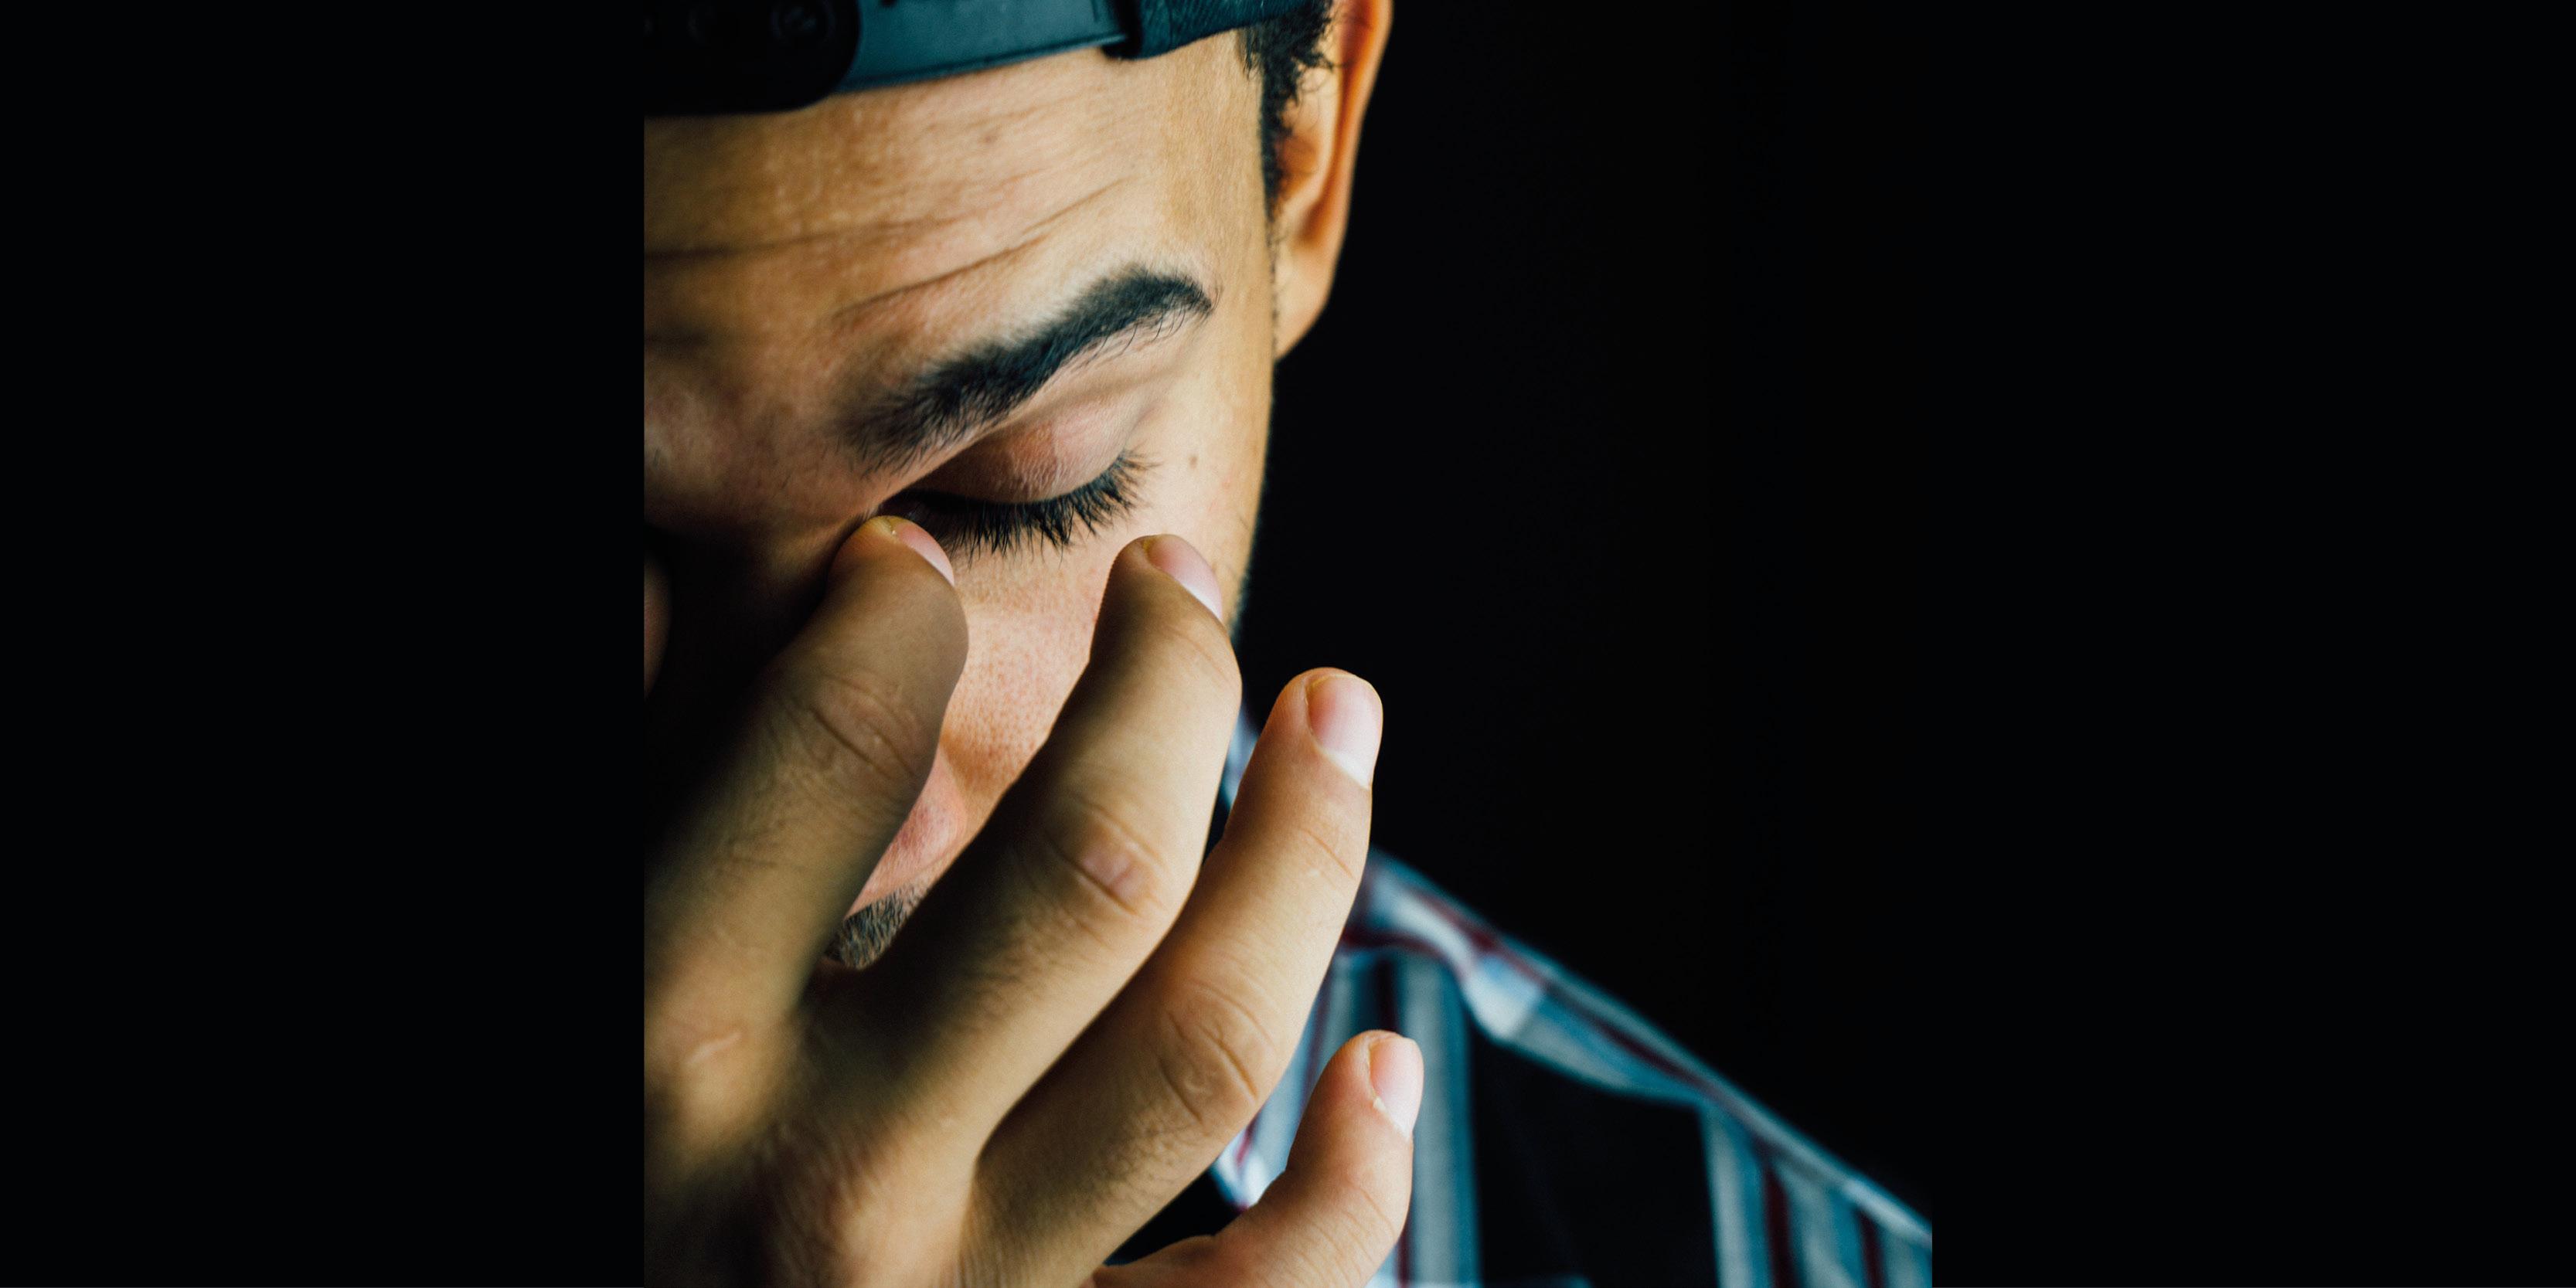 Fatigue - Müdigkeit, Mann reibt sich müde die Augen Chronisches Fatigue-Syndrom nach einer Covid-19-Erkrankung kann die Aktivitäten des täglichen Lebens beeinflussen.